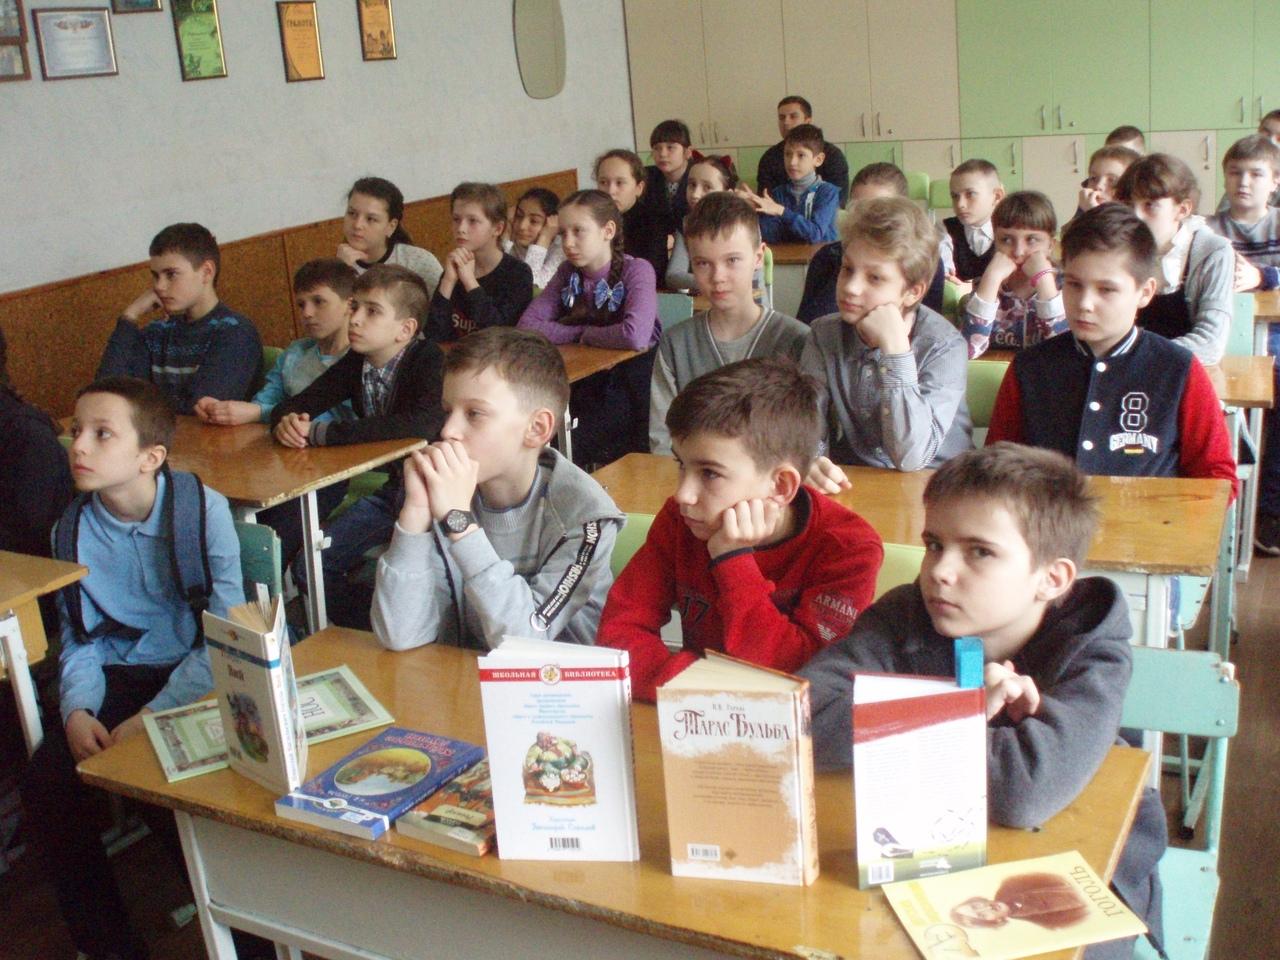 основы библиотечной грамотности, ббк библиотеки, донецкая республиканская библиотека для детей, отдел справочно-библиографического и информационного обслуживания